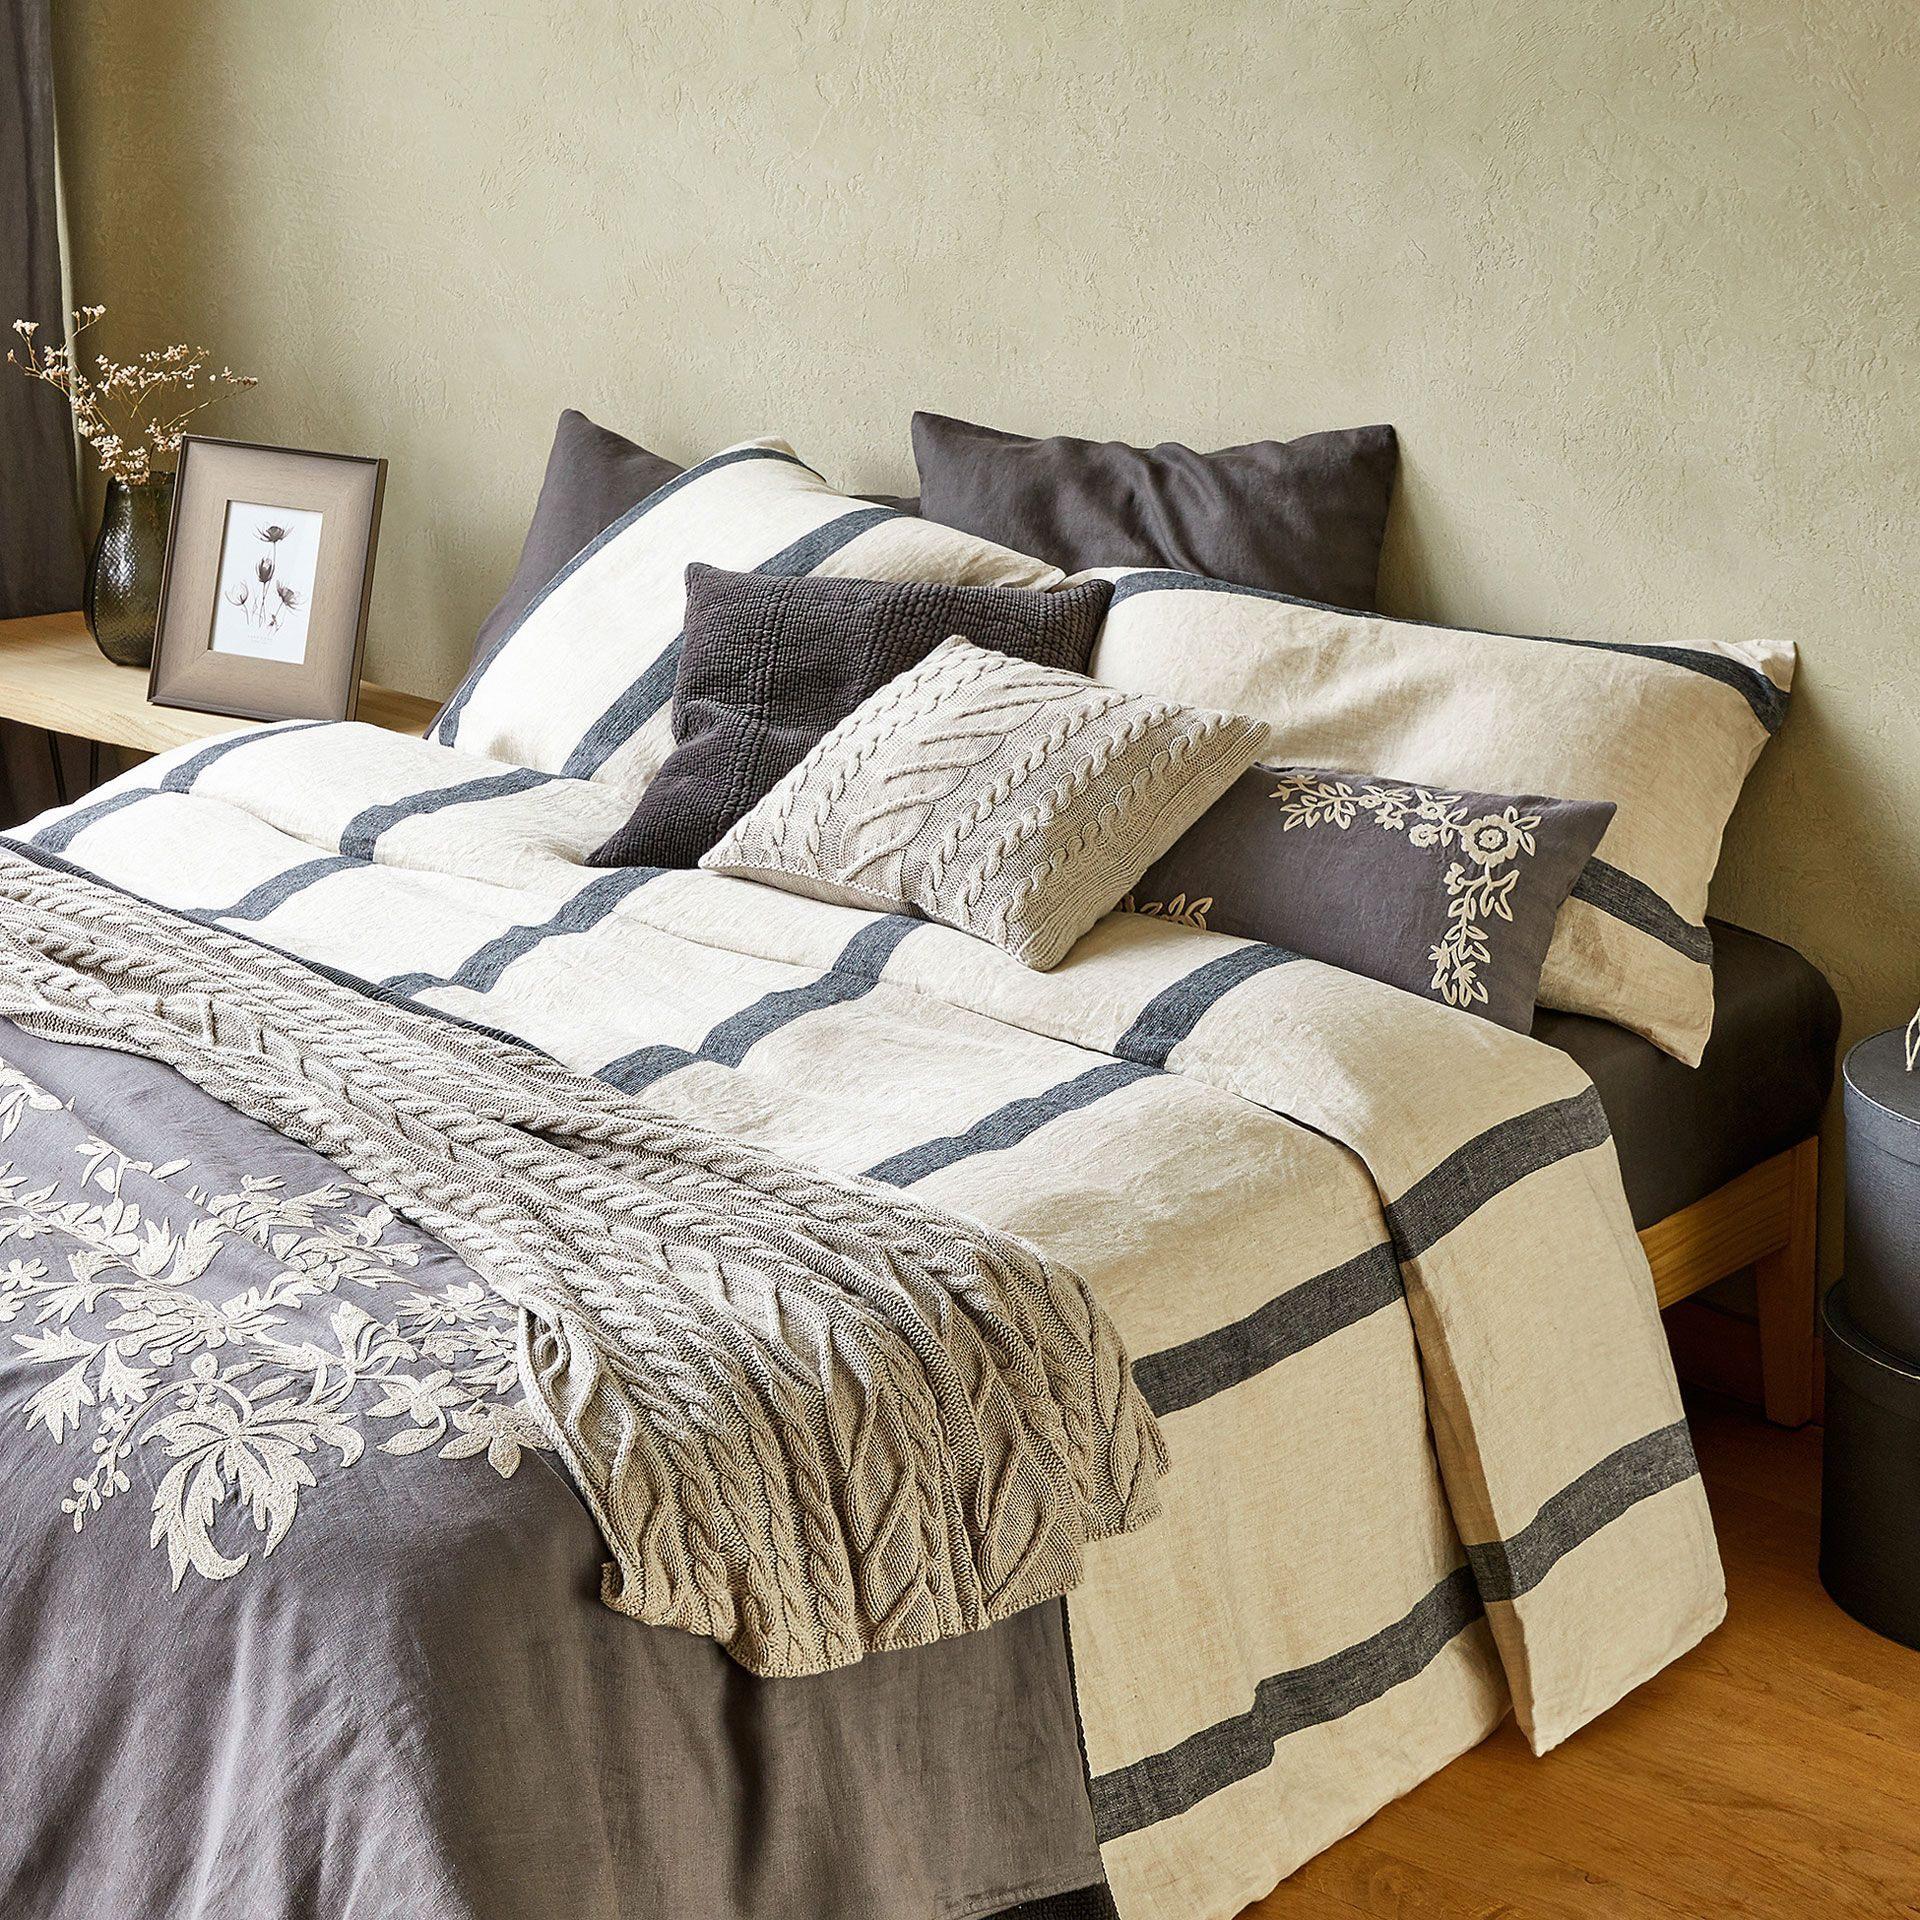 Zara Home Linge De Lit De Luxe Image 2 Du Produit Housse De Couette Lin Effet Chevrons  Rayures